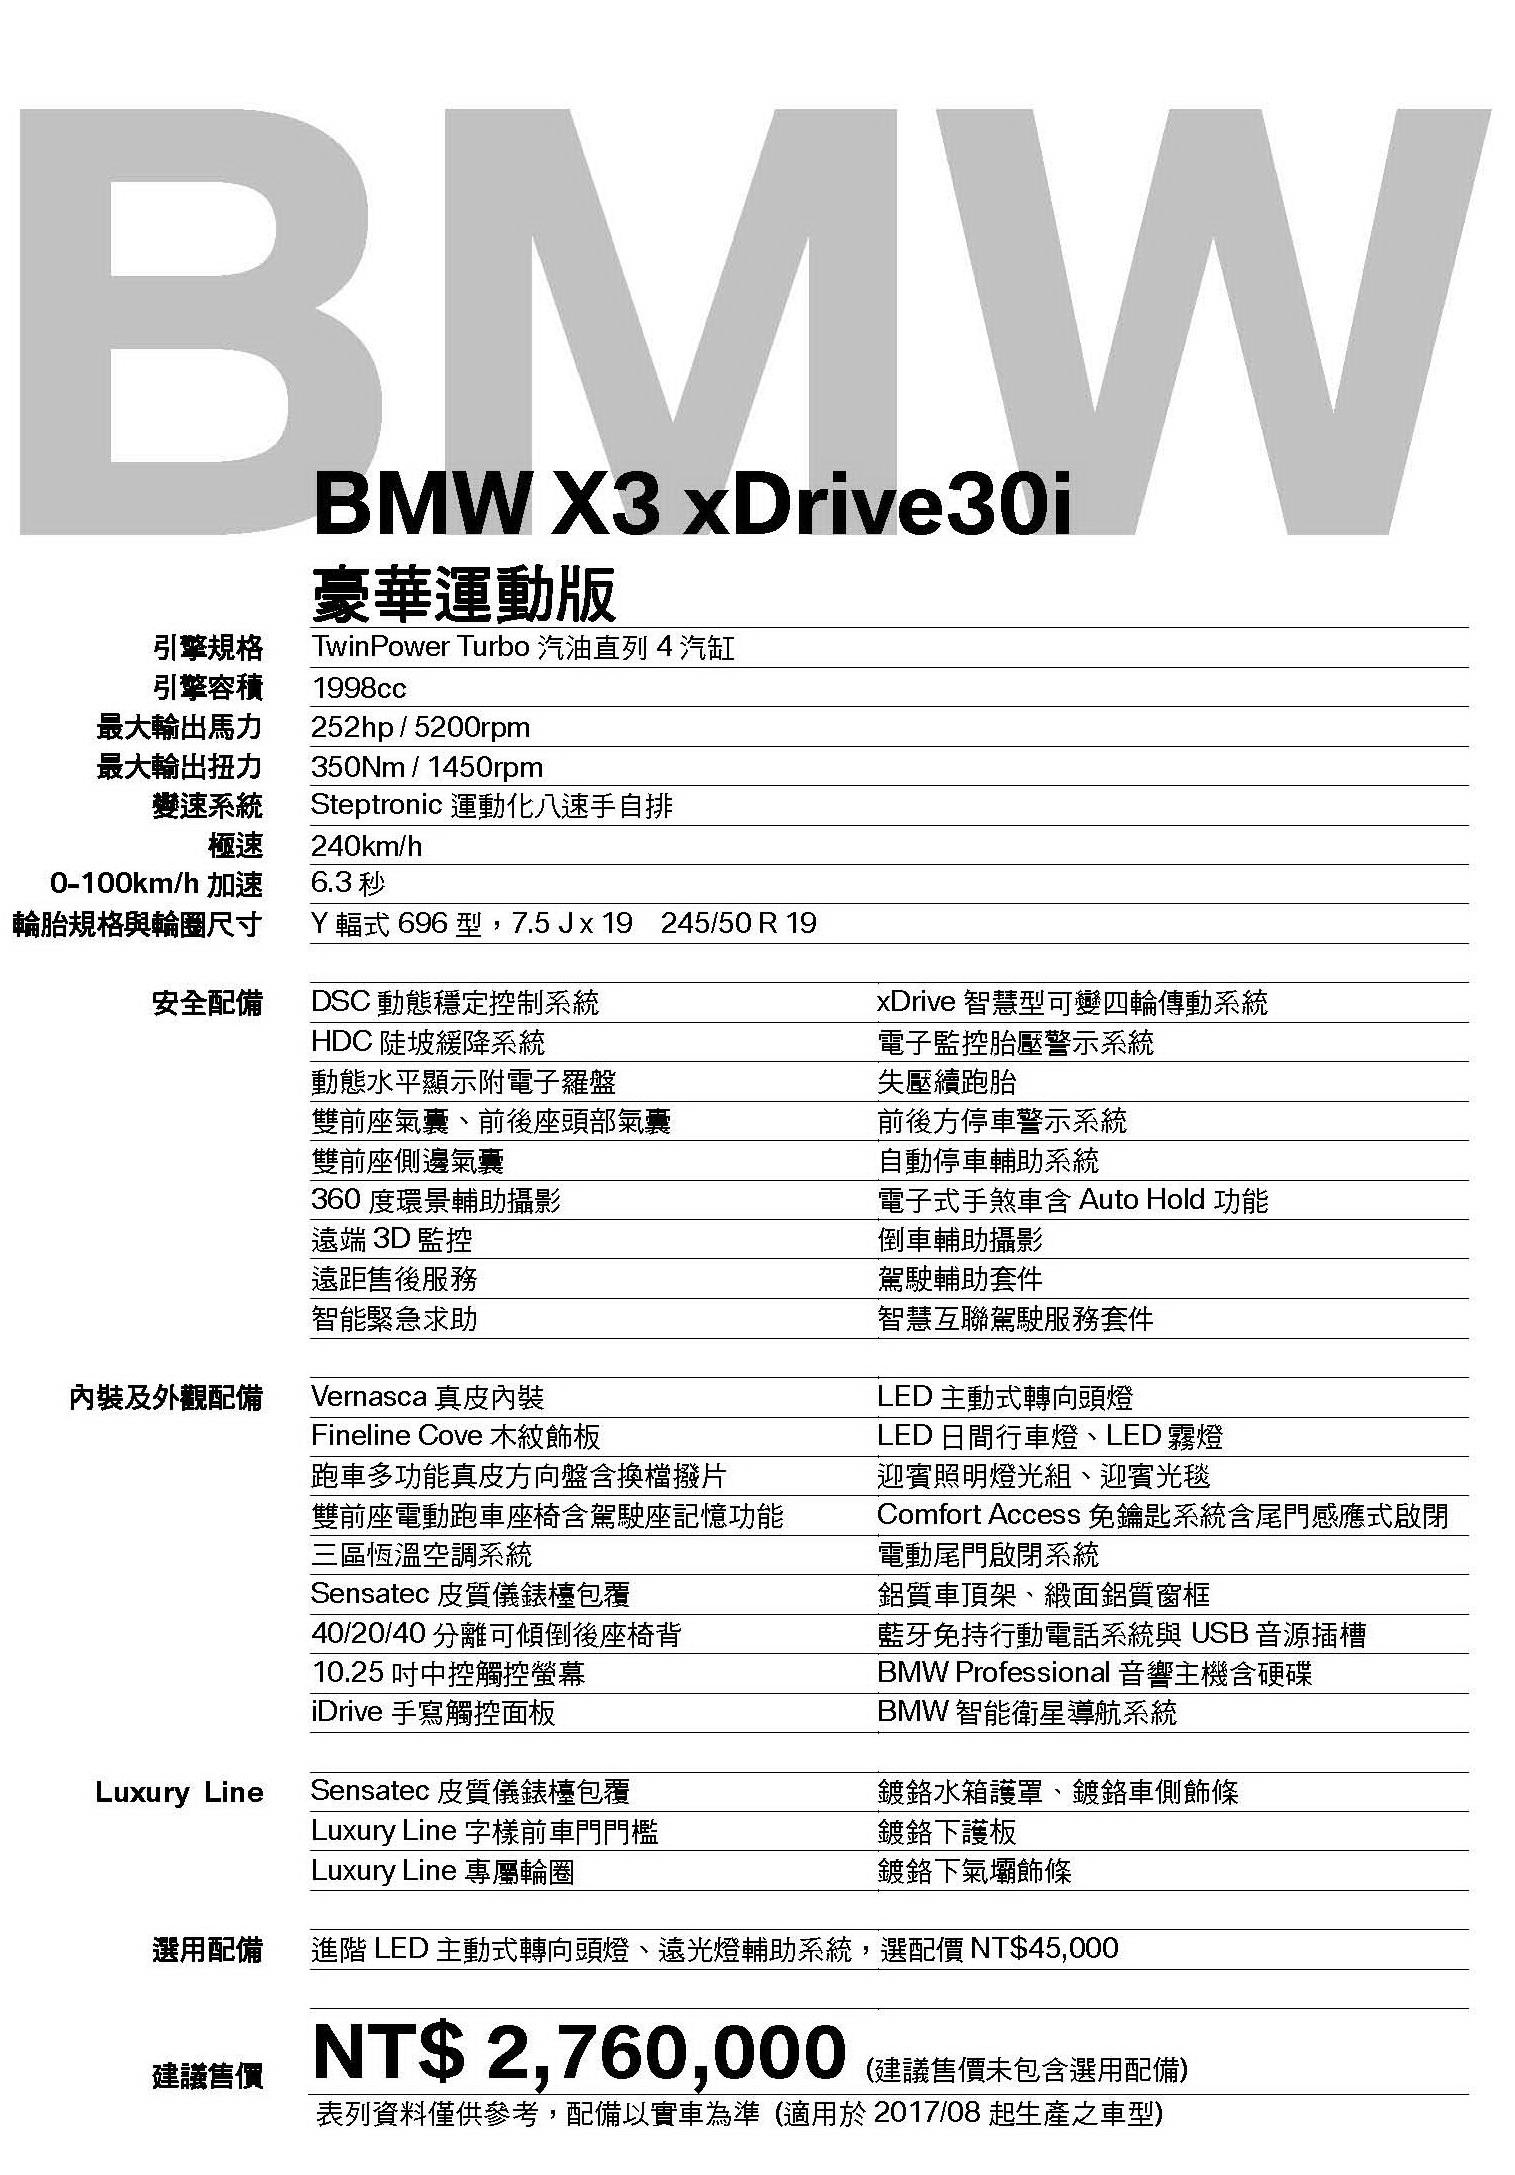 車展X3 xDrive30i 豪華運動版 (2017-08)_276